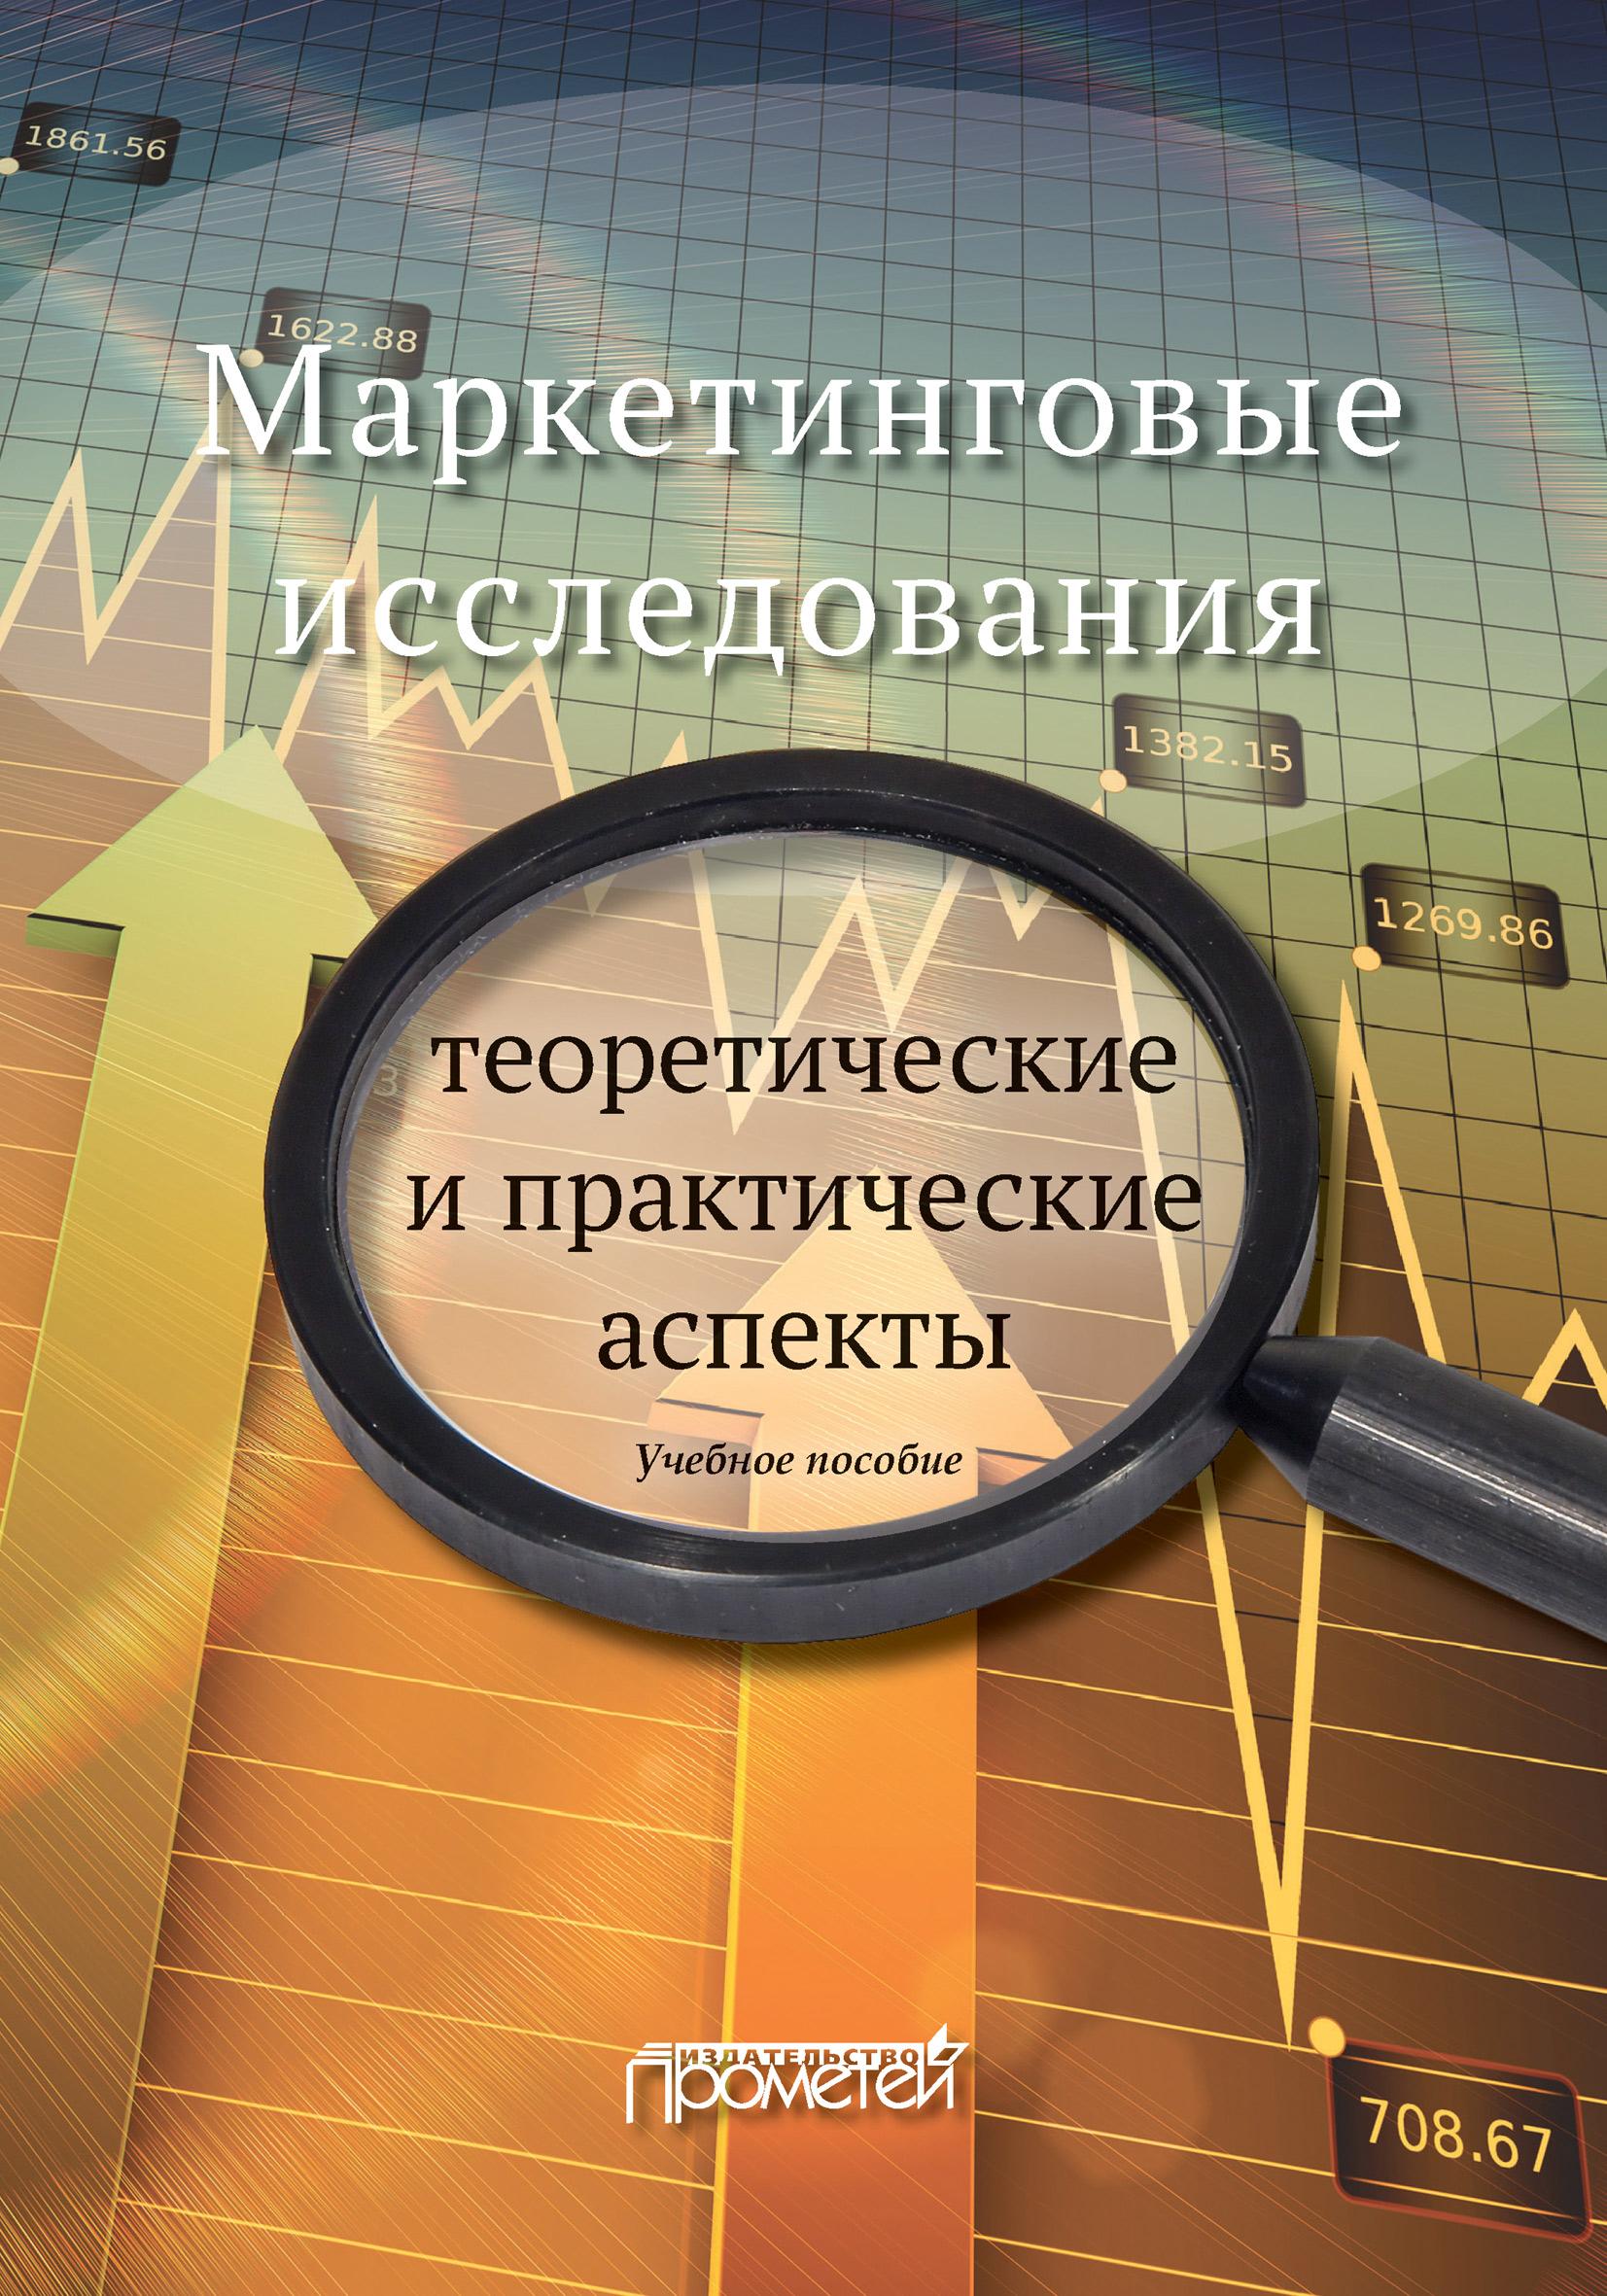 Наталья Петровна Реброва Маркетинговые исследования: теоретические и практические аспекты